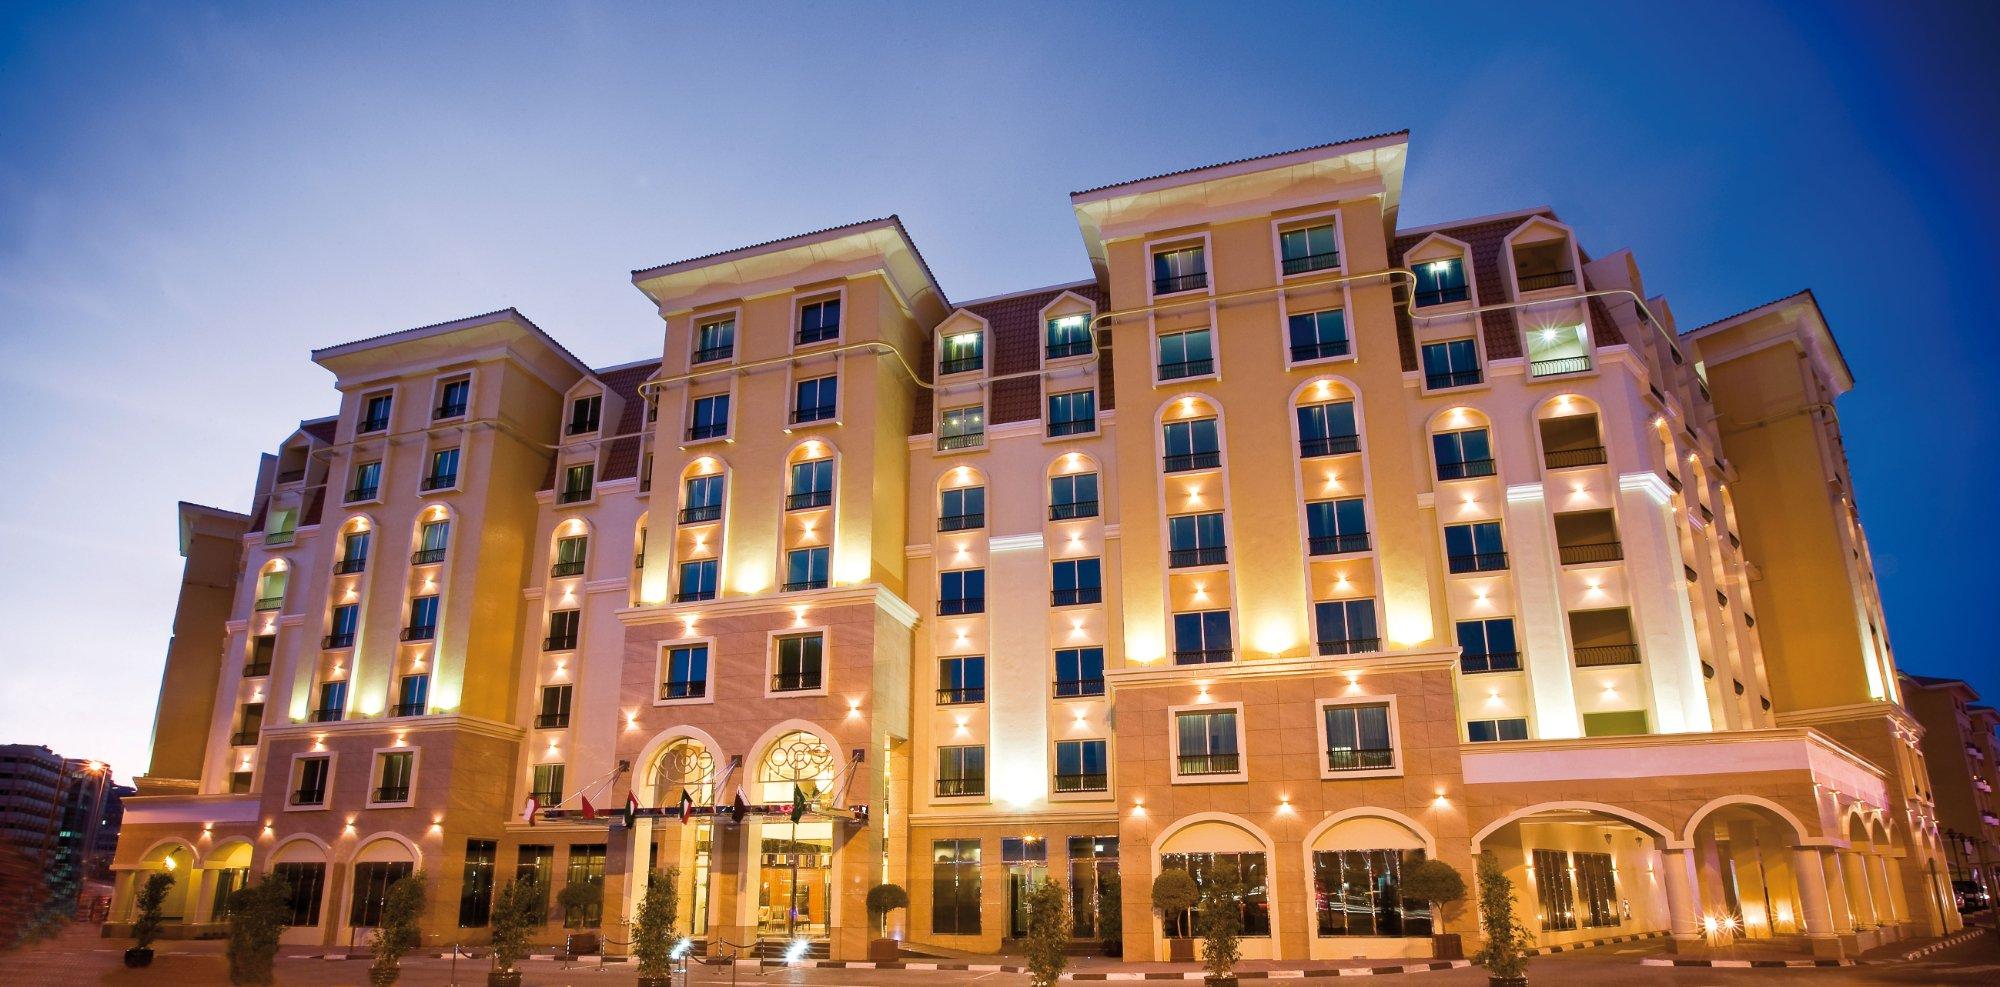 迪拜德伊勒安凡尼酒店